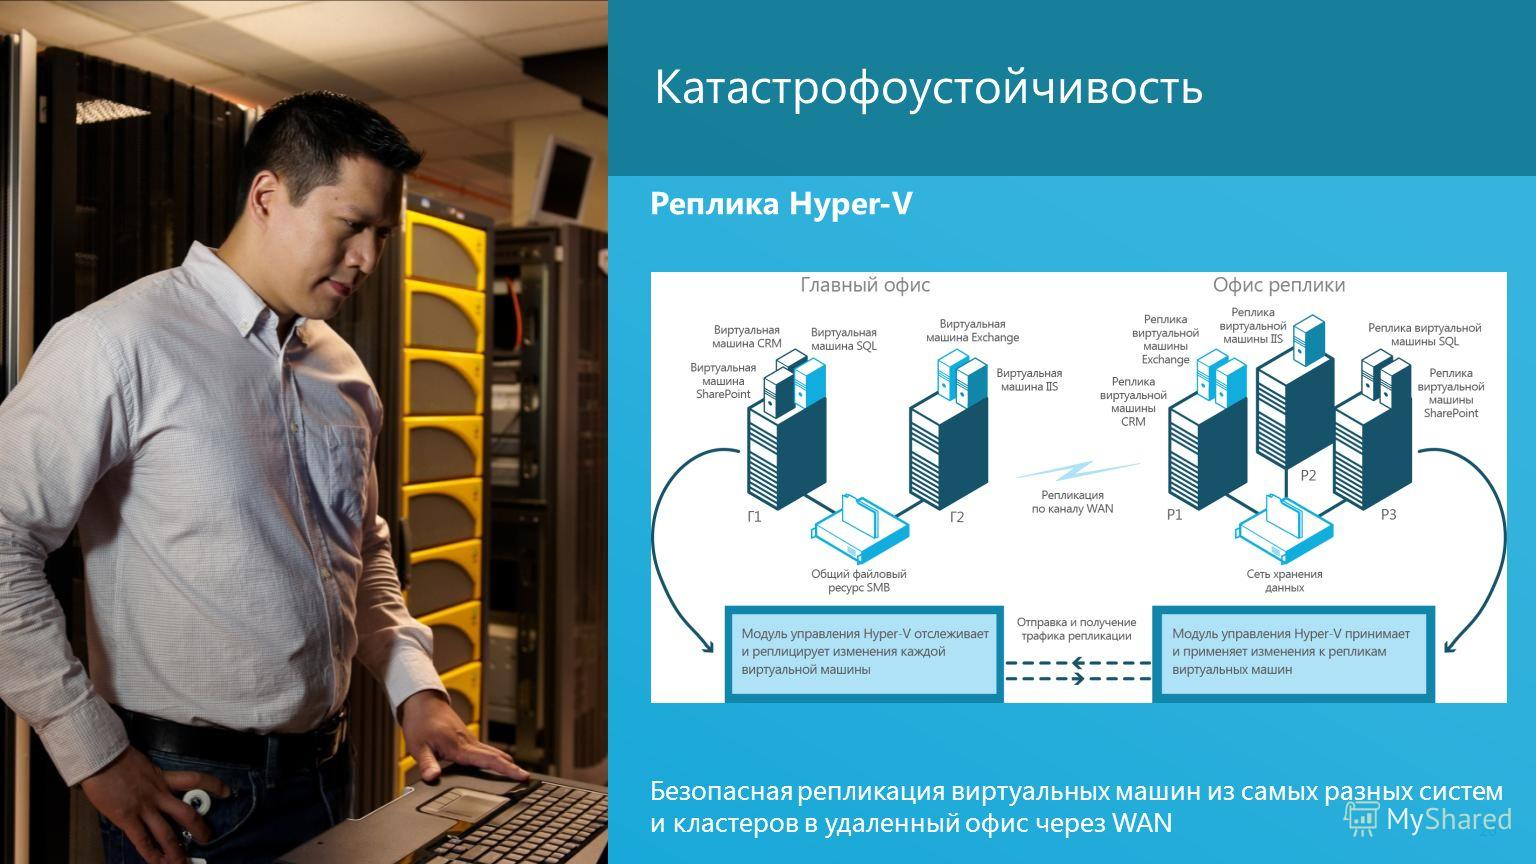 20 Катастрофоустойчивость Реплика Hyper-V Безопасная репликация виртуальных машин из самых разных систем и кластеров в удаленный офис через WAN